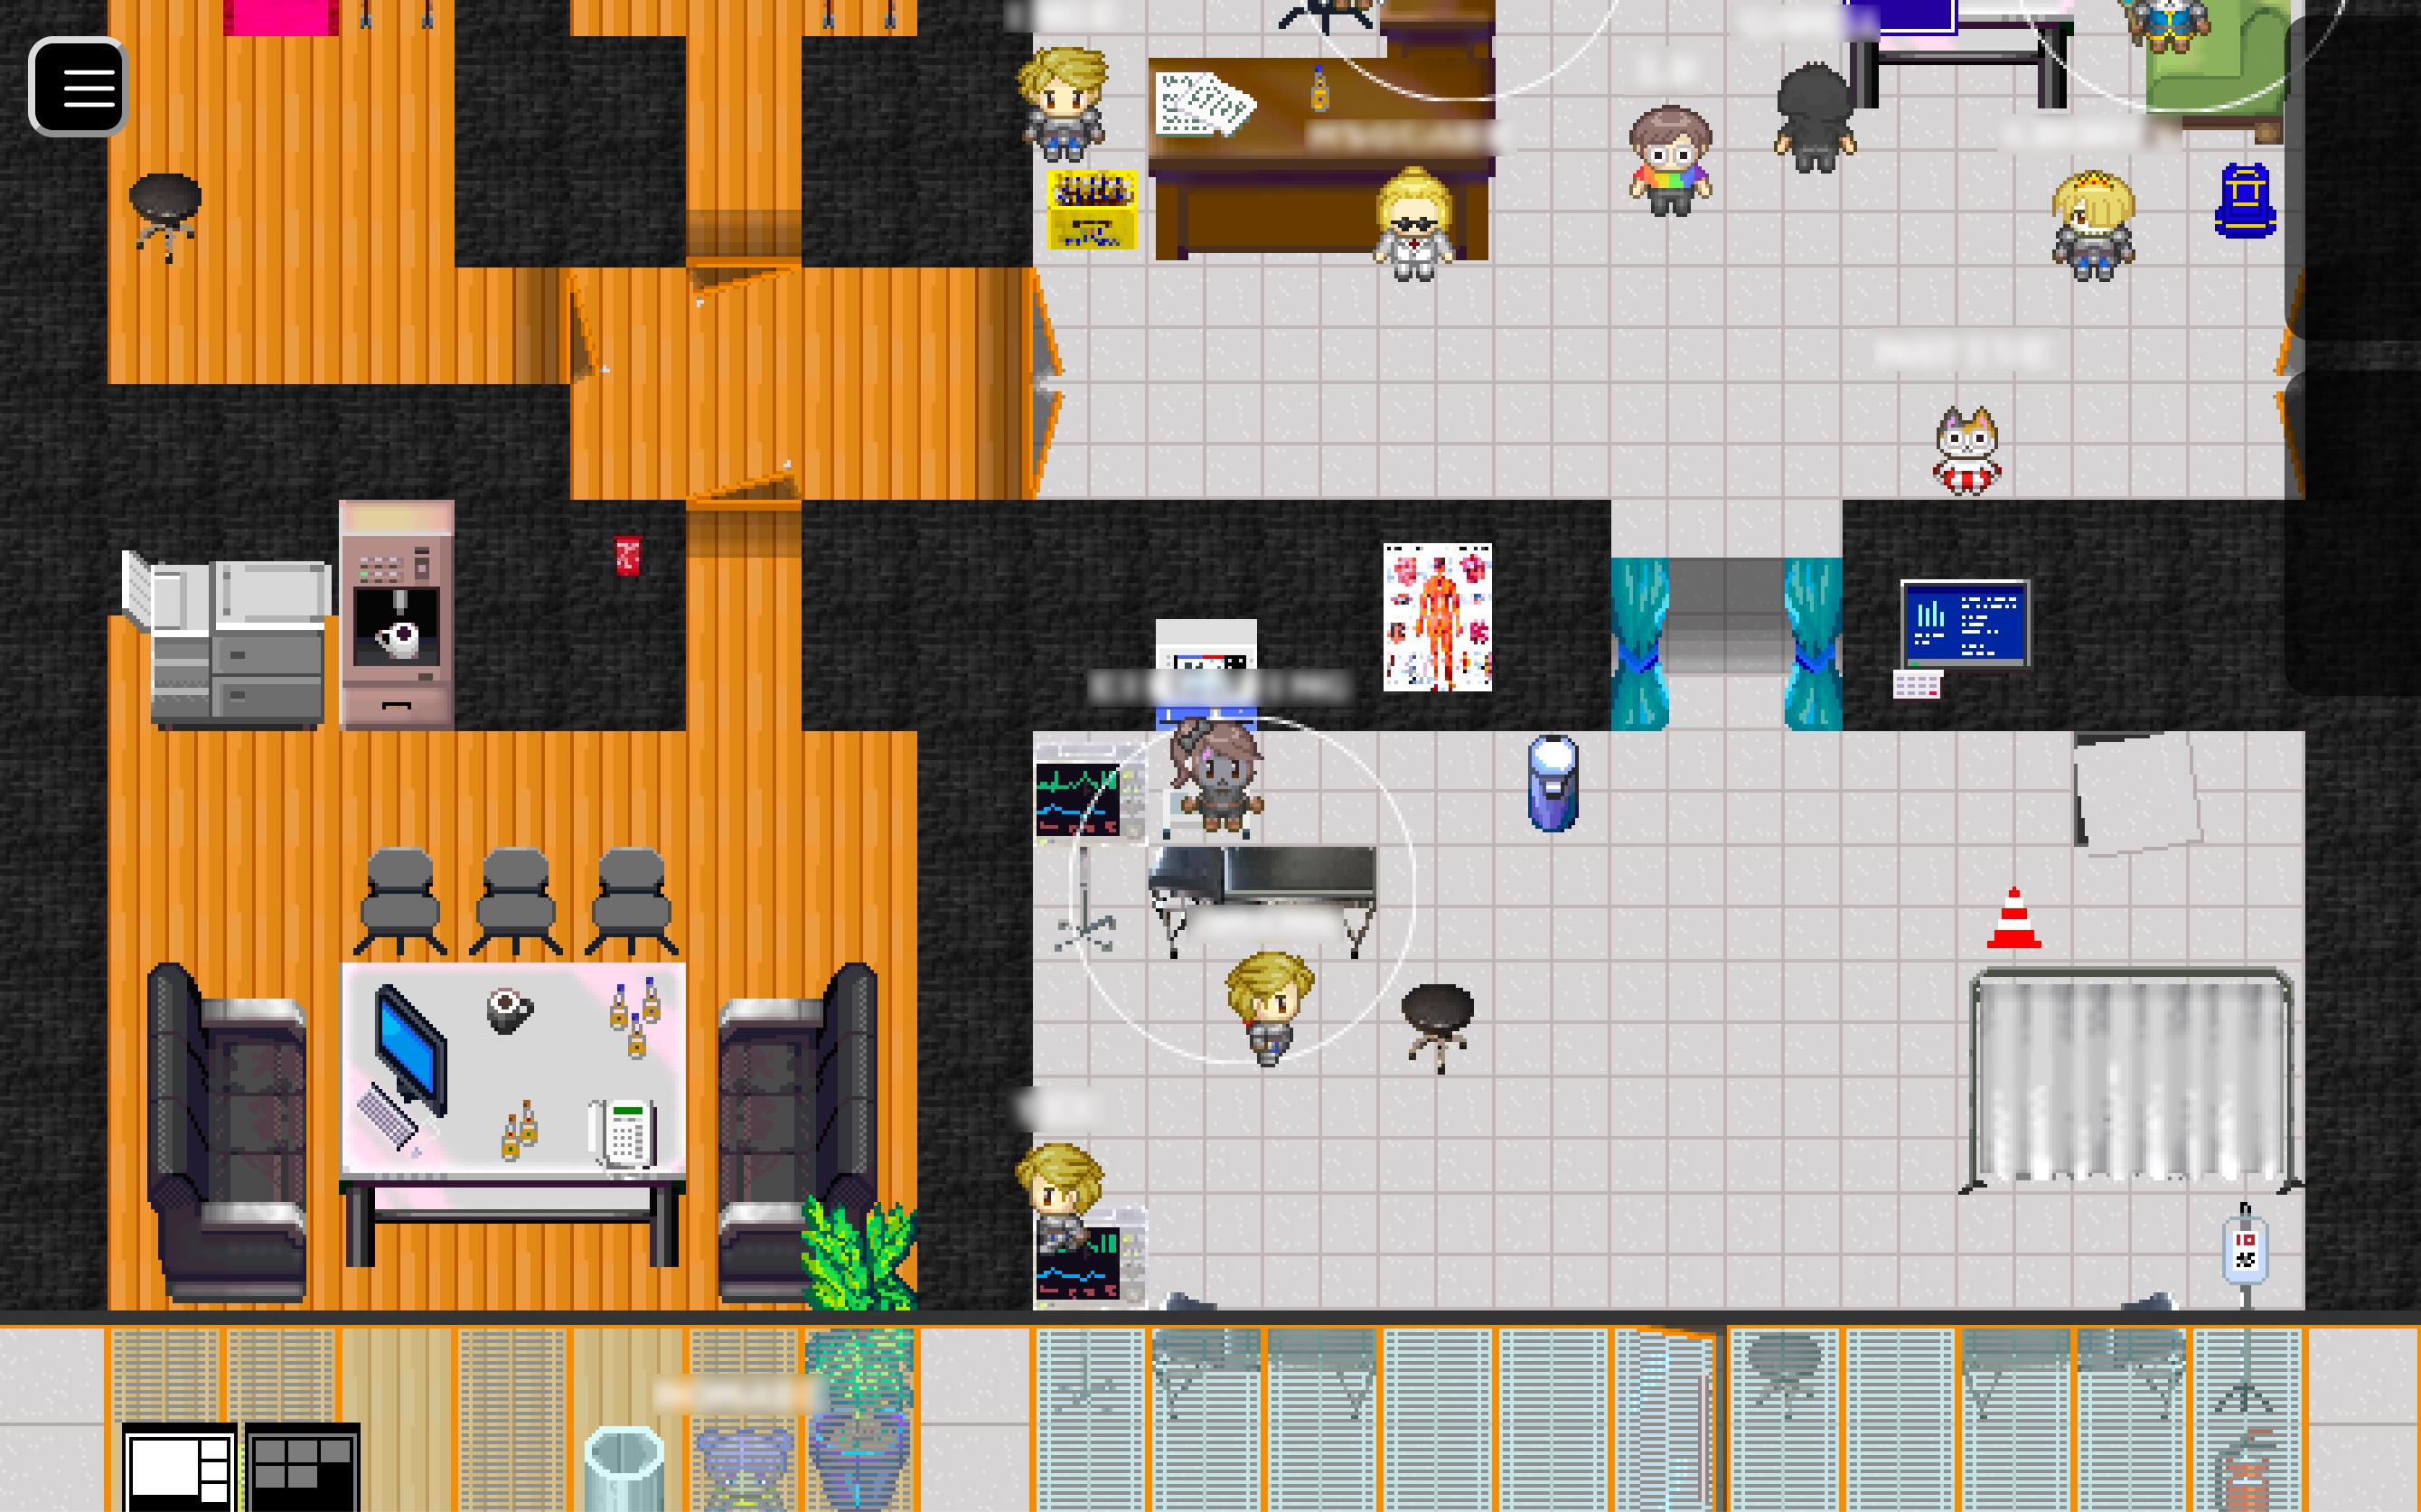 """Screenshot des medizinischen Bereichs des """"CERT"""", der aus einer Art Büro, einem Empfangsbereich und einem Untersuchungszimmer besteht. Es tummeln sich mehrere Avatare dort."""